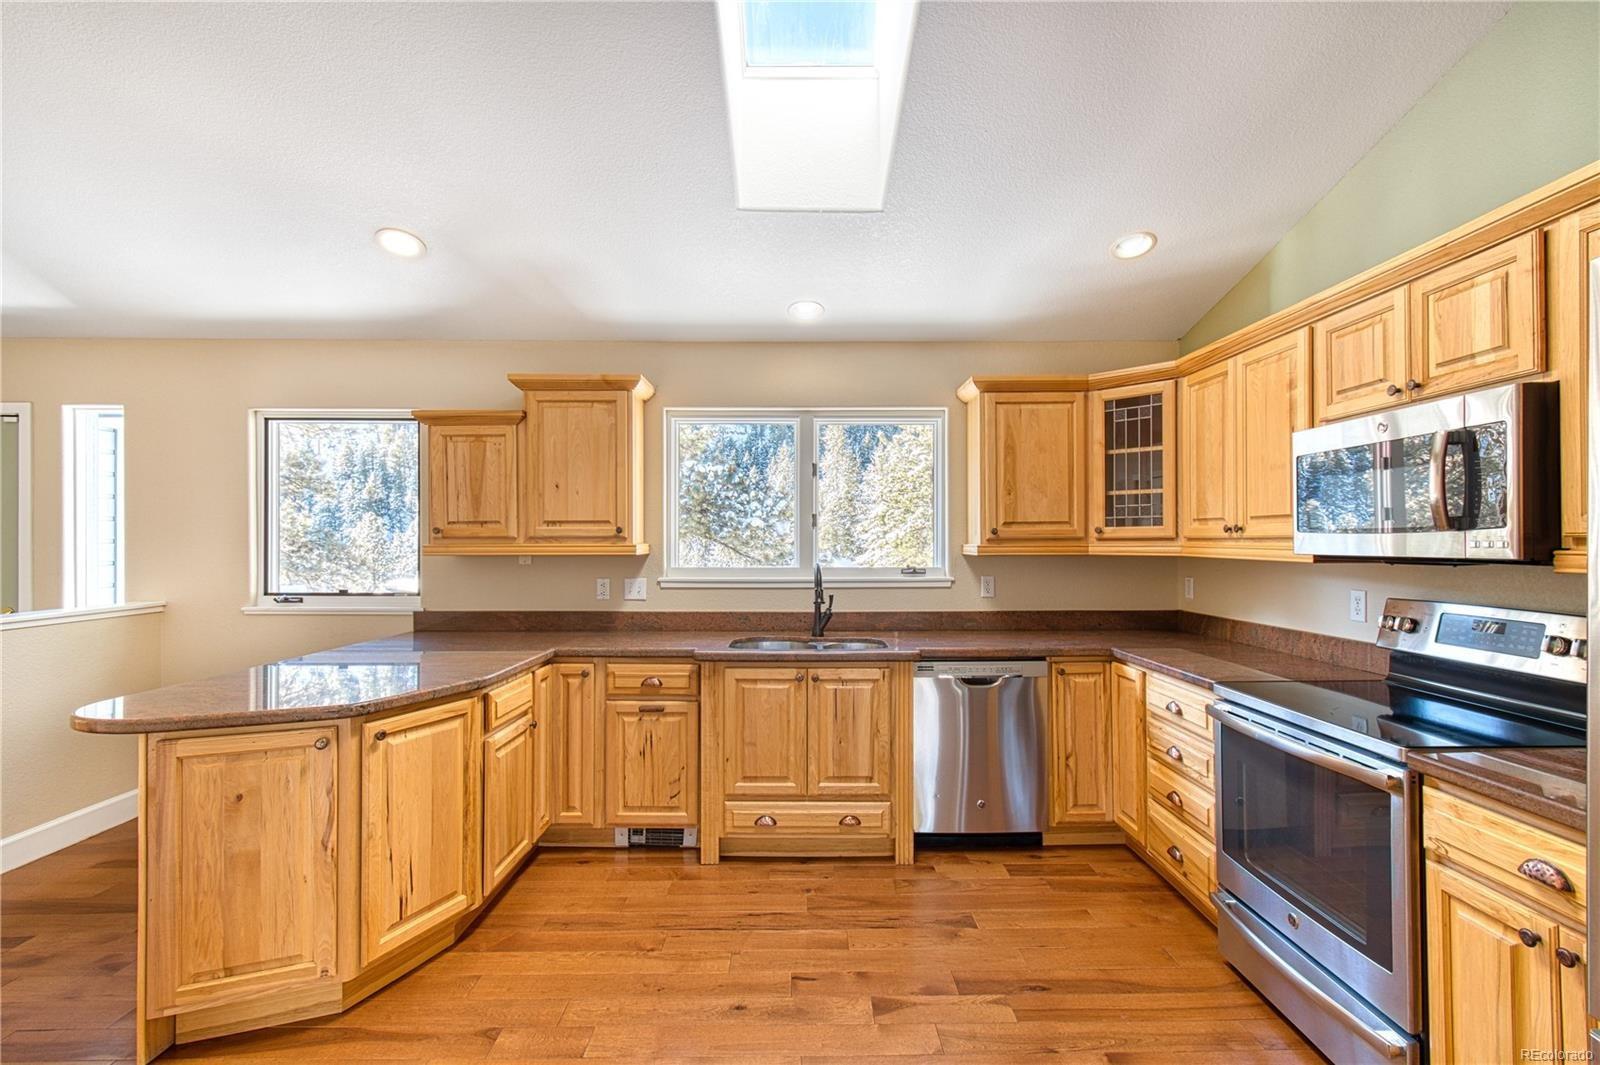 MLS# 8807220 - 7 - 89 Upper Elk Valley Drive, Evergreen, CO 80439